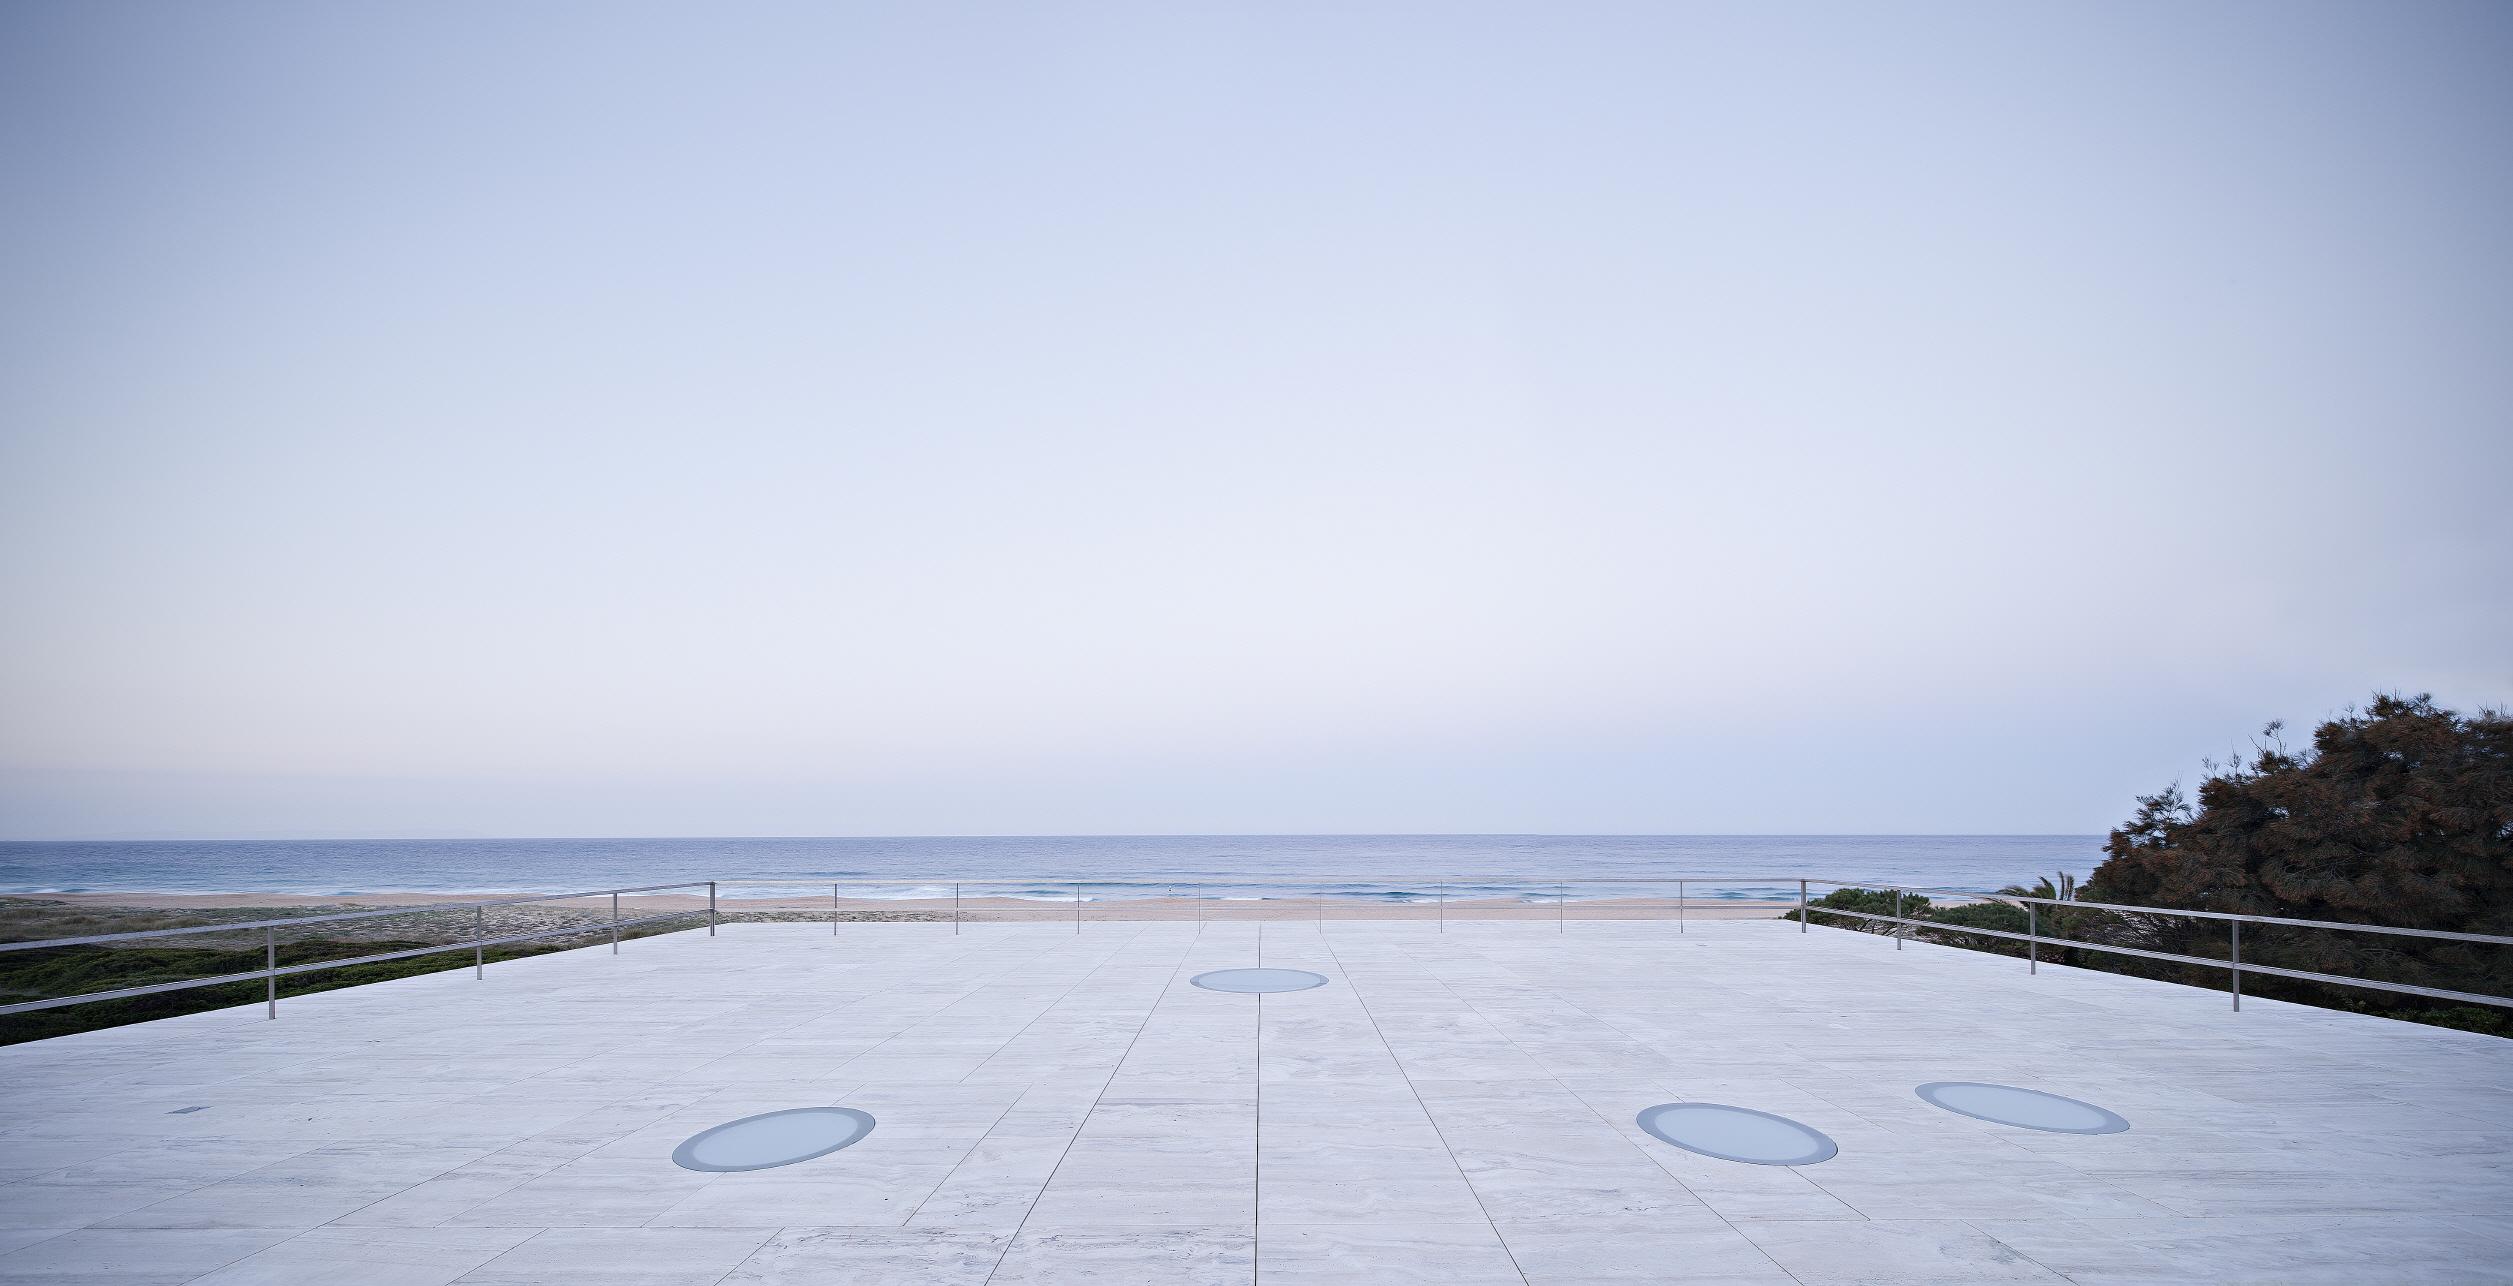 〔안정원의 건축 칼럼〕 수평선을 향해 속삭이듯 풀어낸 간결한 시적인 건축, 무한의 집 3